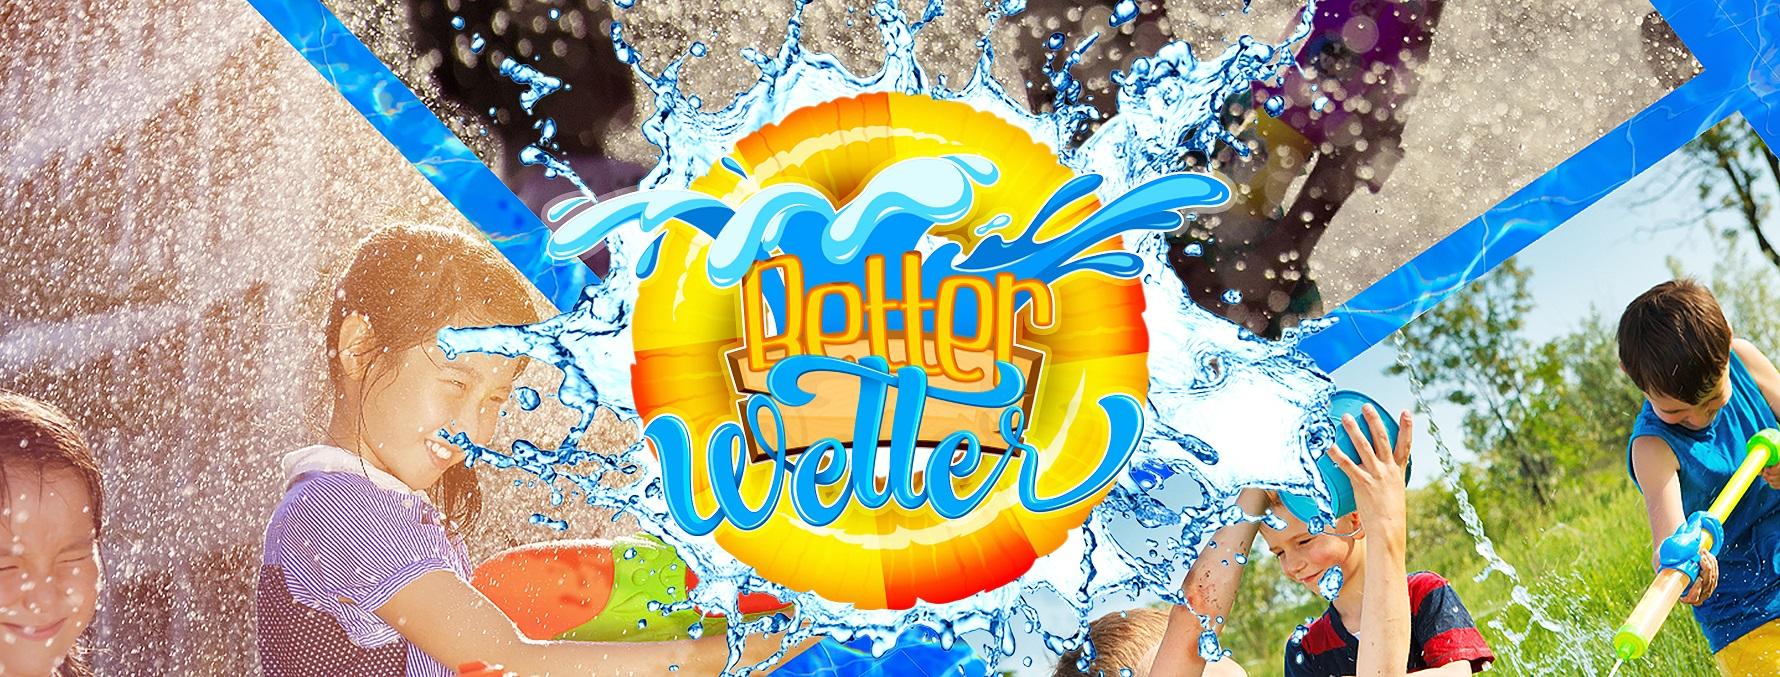 إستمتع بصيفك في منطقة الألعاب المائية الجديدة في دبي مارينا مول